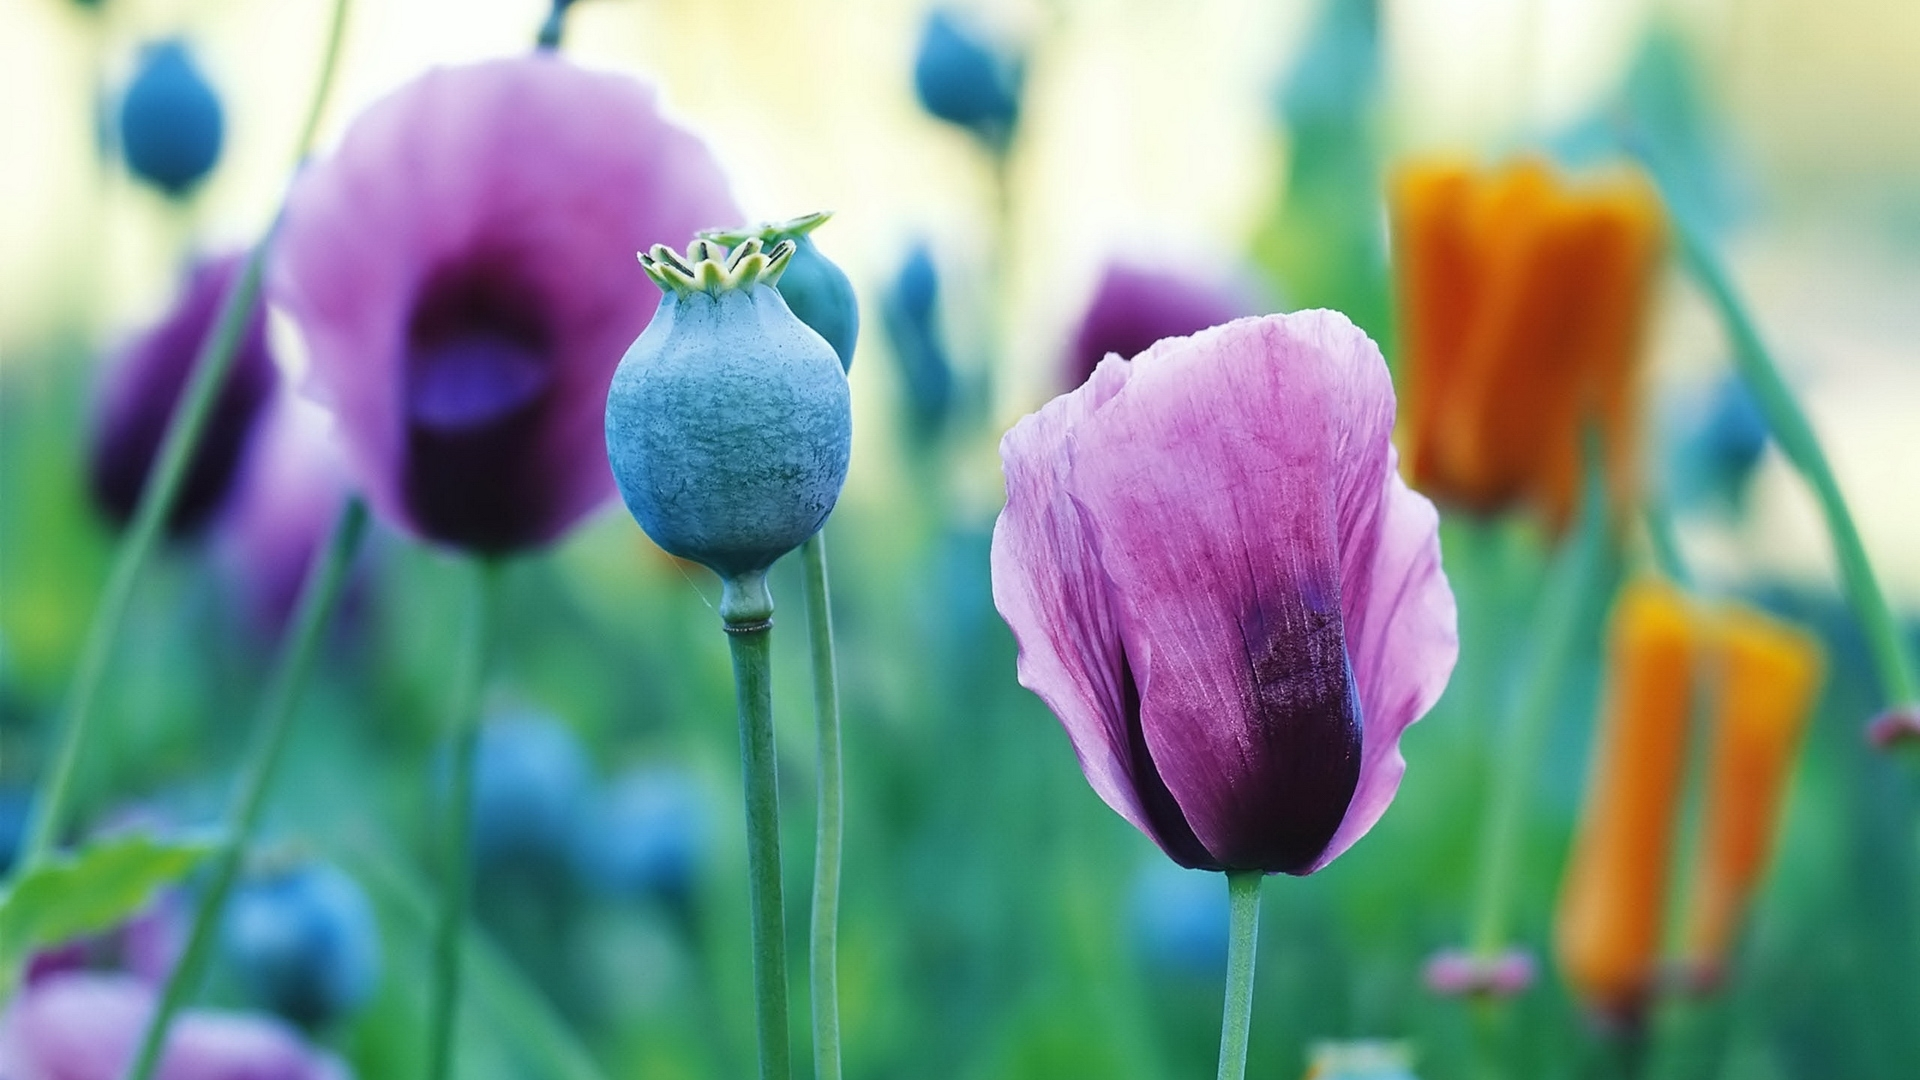 26610 скачать обои Растения, Цветы, Маки - заставки и картинки бесплатно